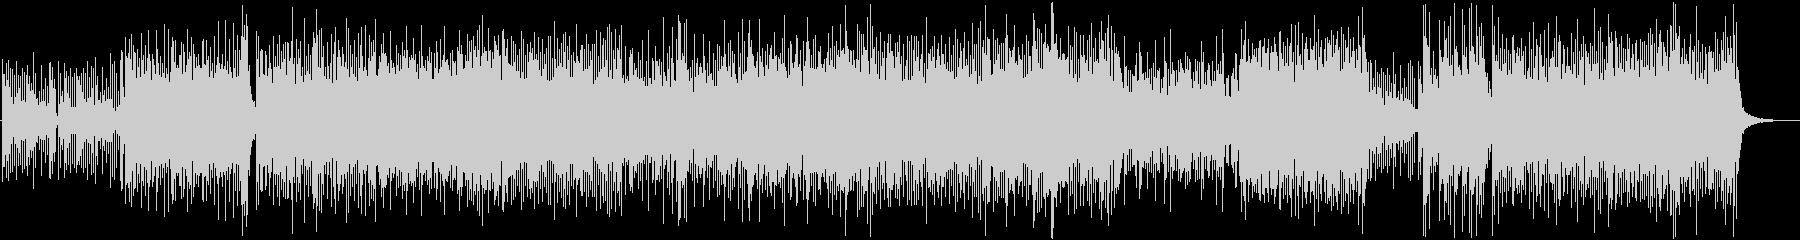 和風、三味線メタル2、激しい(声なし)aの未再生の波形